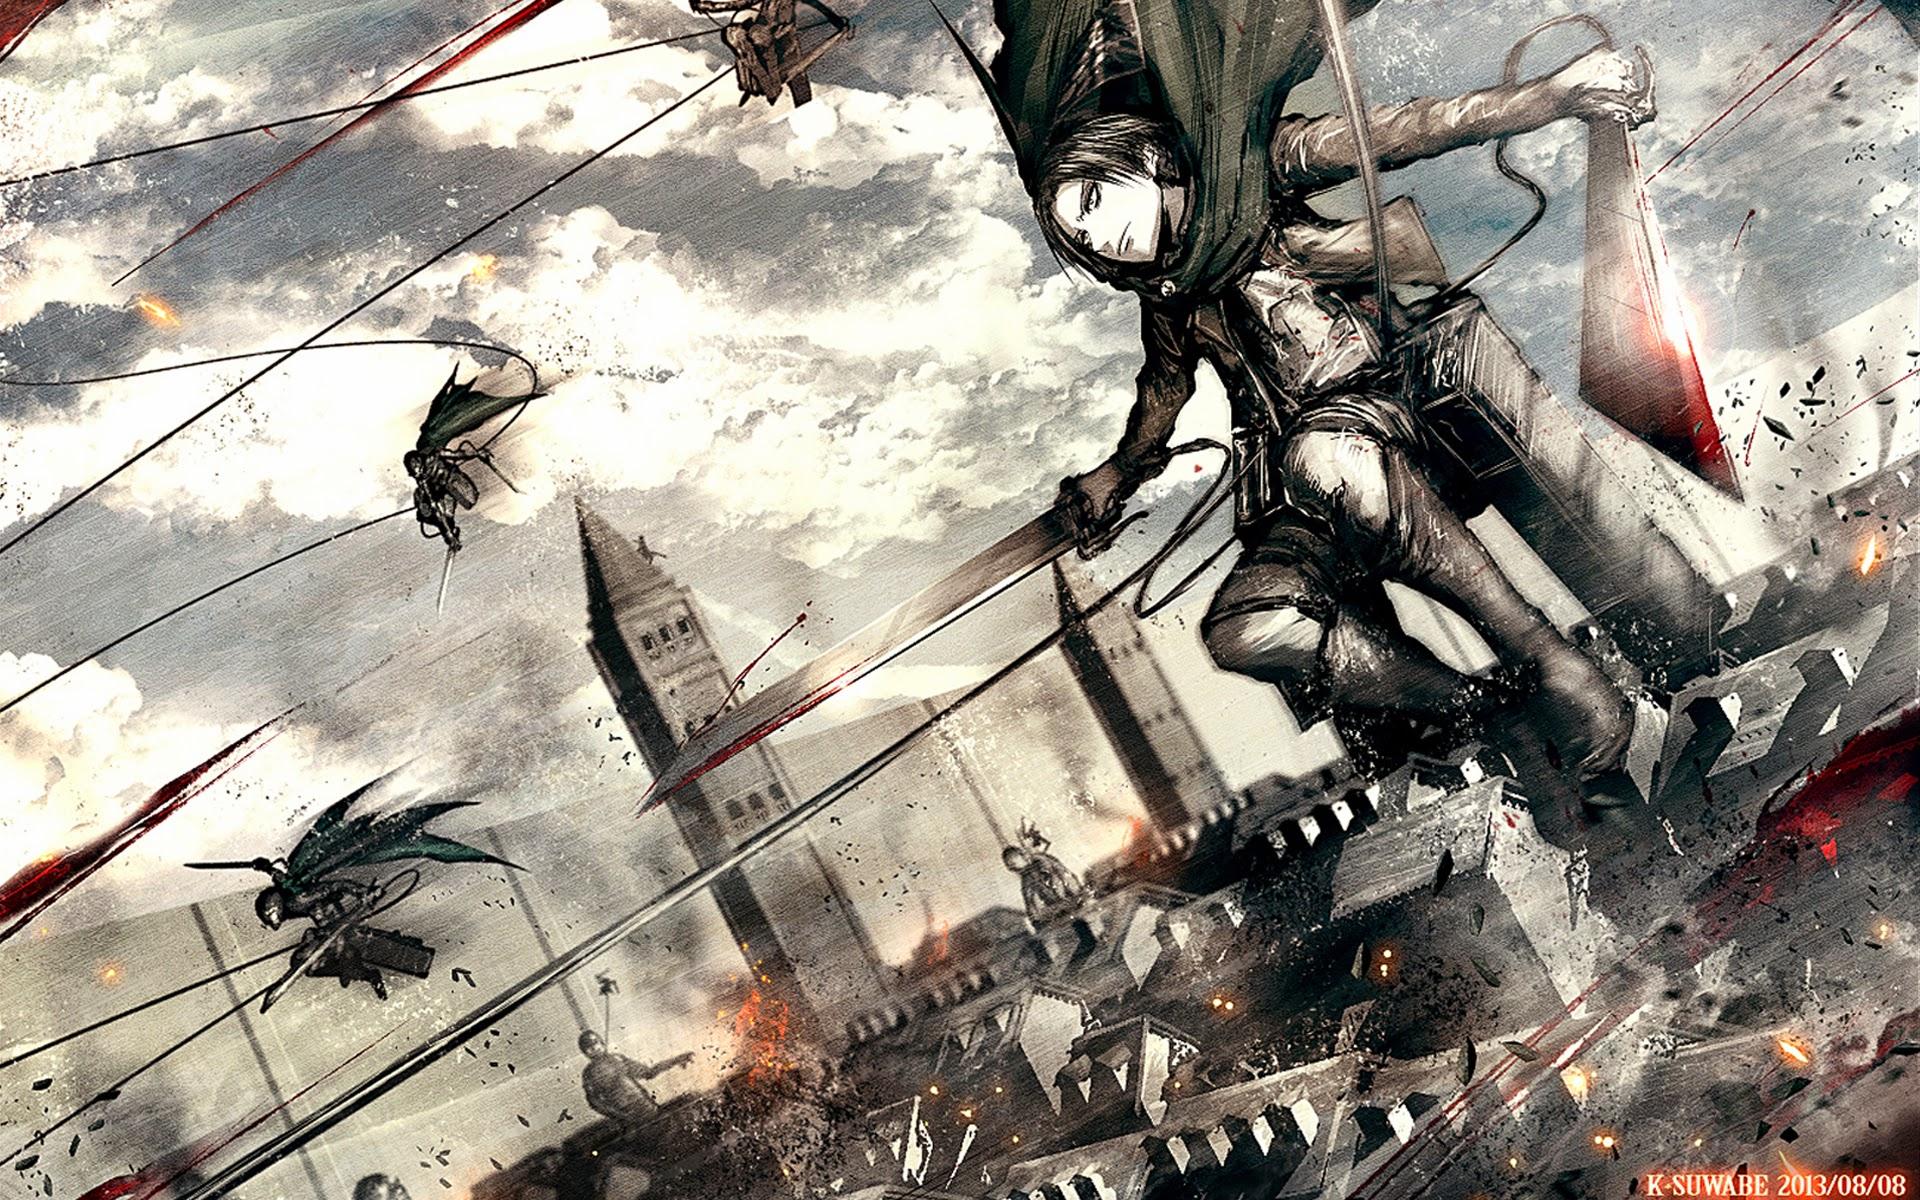 Attack on Titan Levi Picture 9v Wallpaper HD 1920x1200